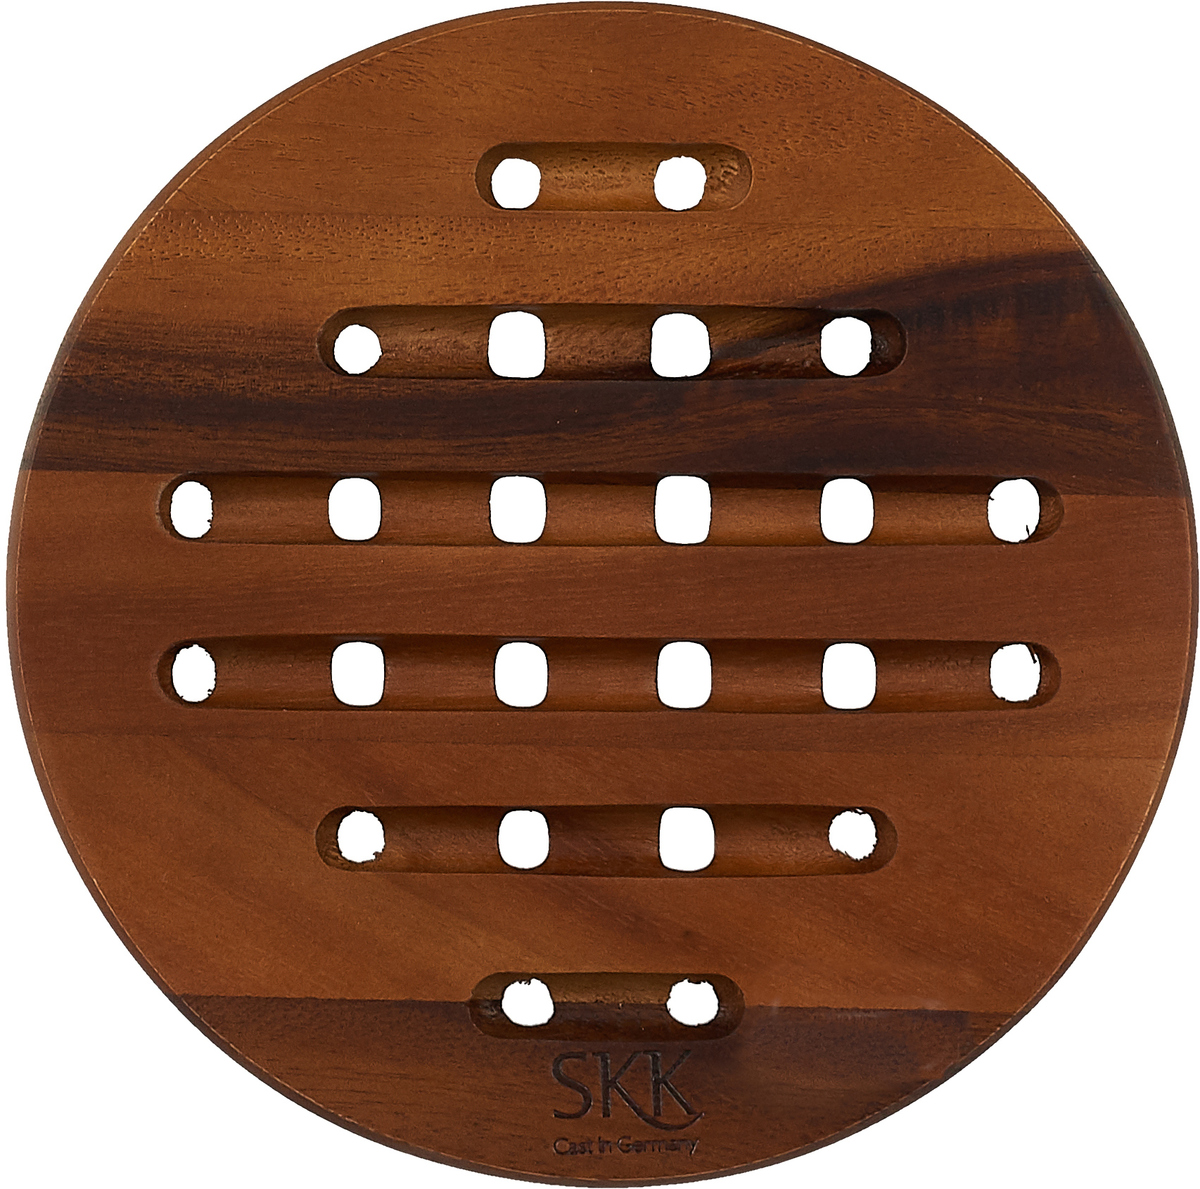 Подставка под горячее SKK, ACA-011, темно-коричневый, диаметр 19 см подставка под горячее феникс презент хризантема цвет черный золотистый диаметр 17 см